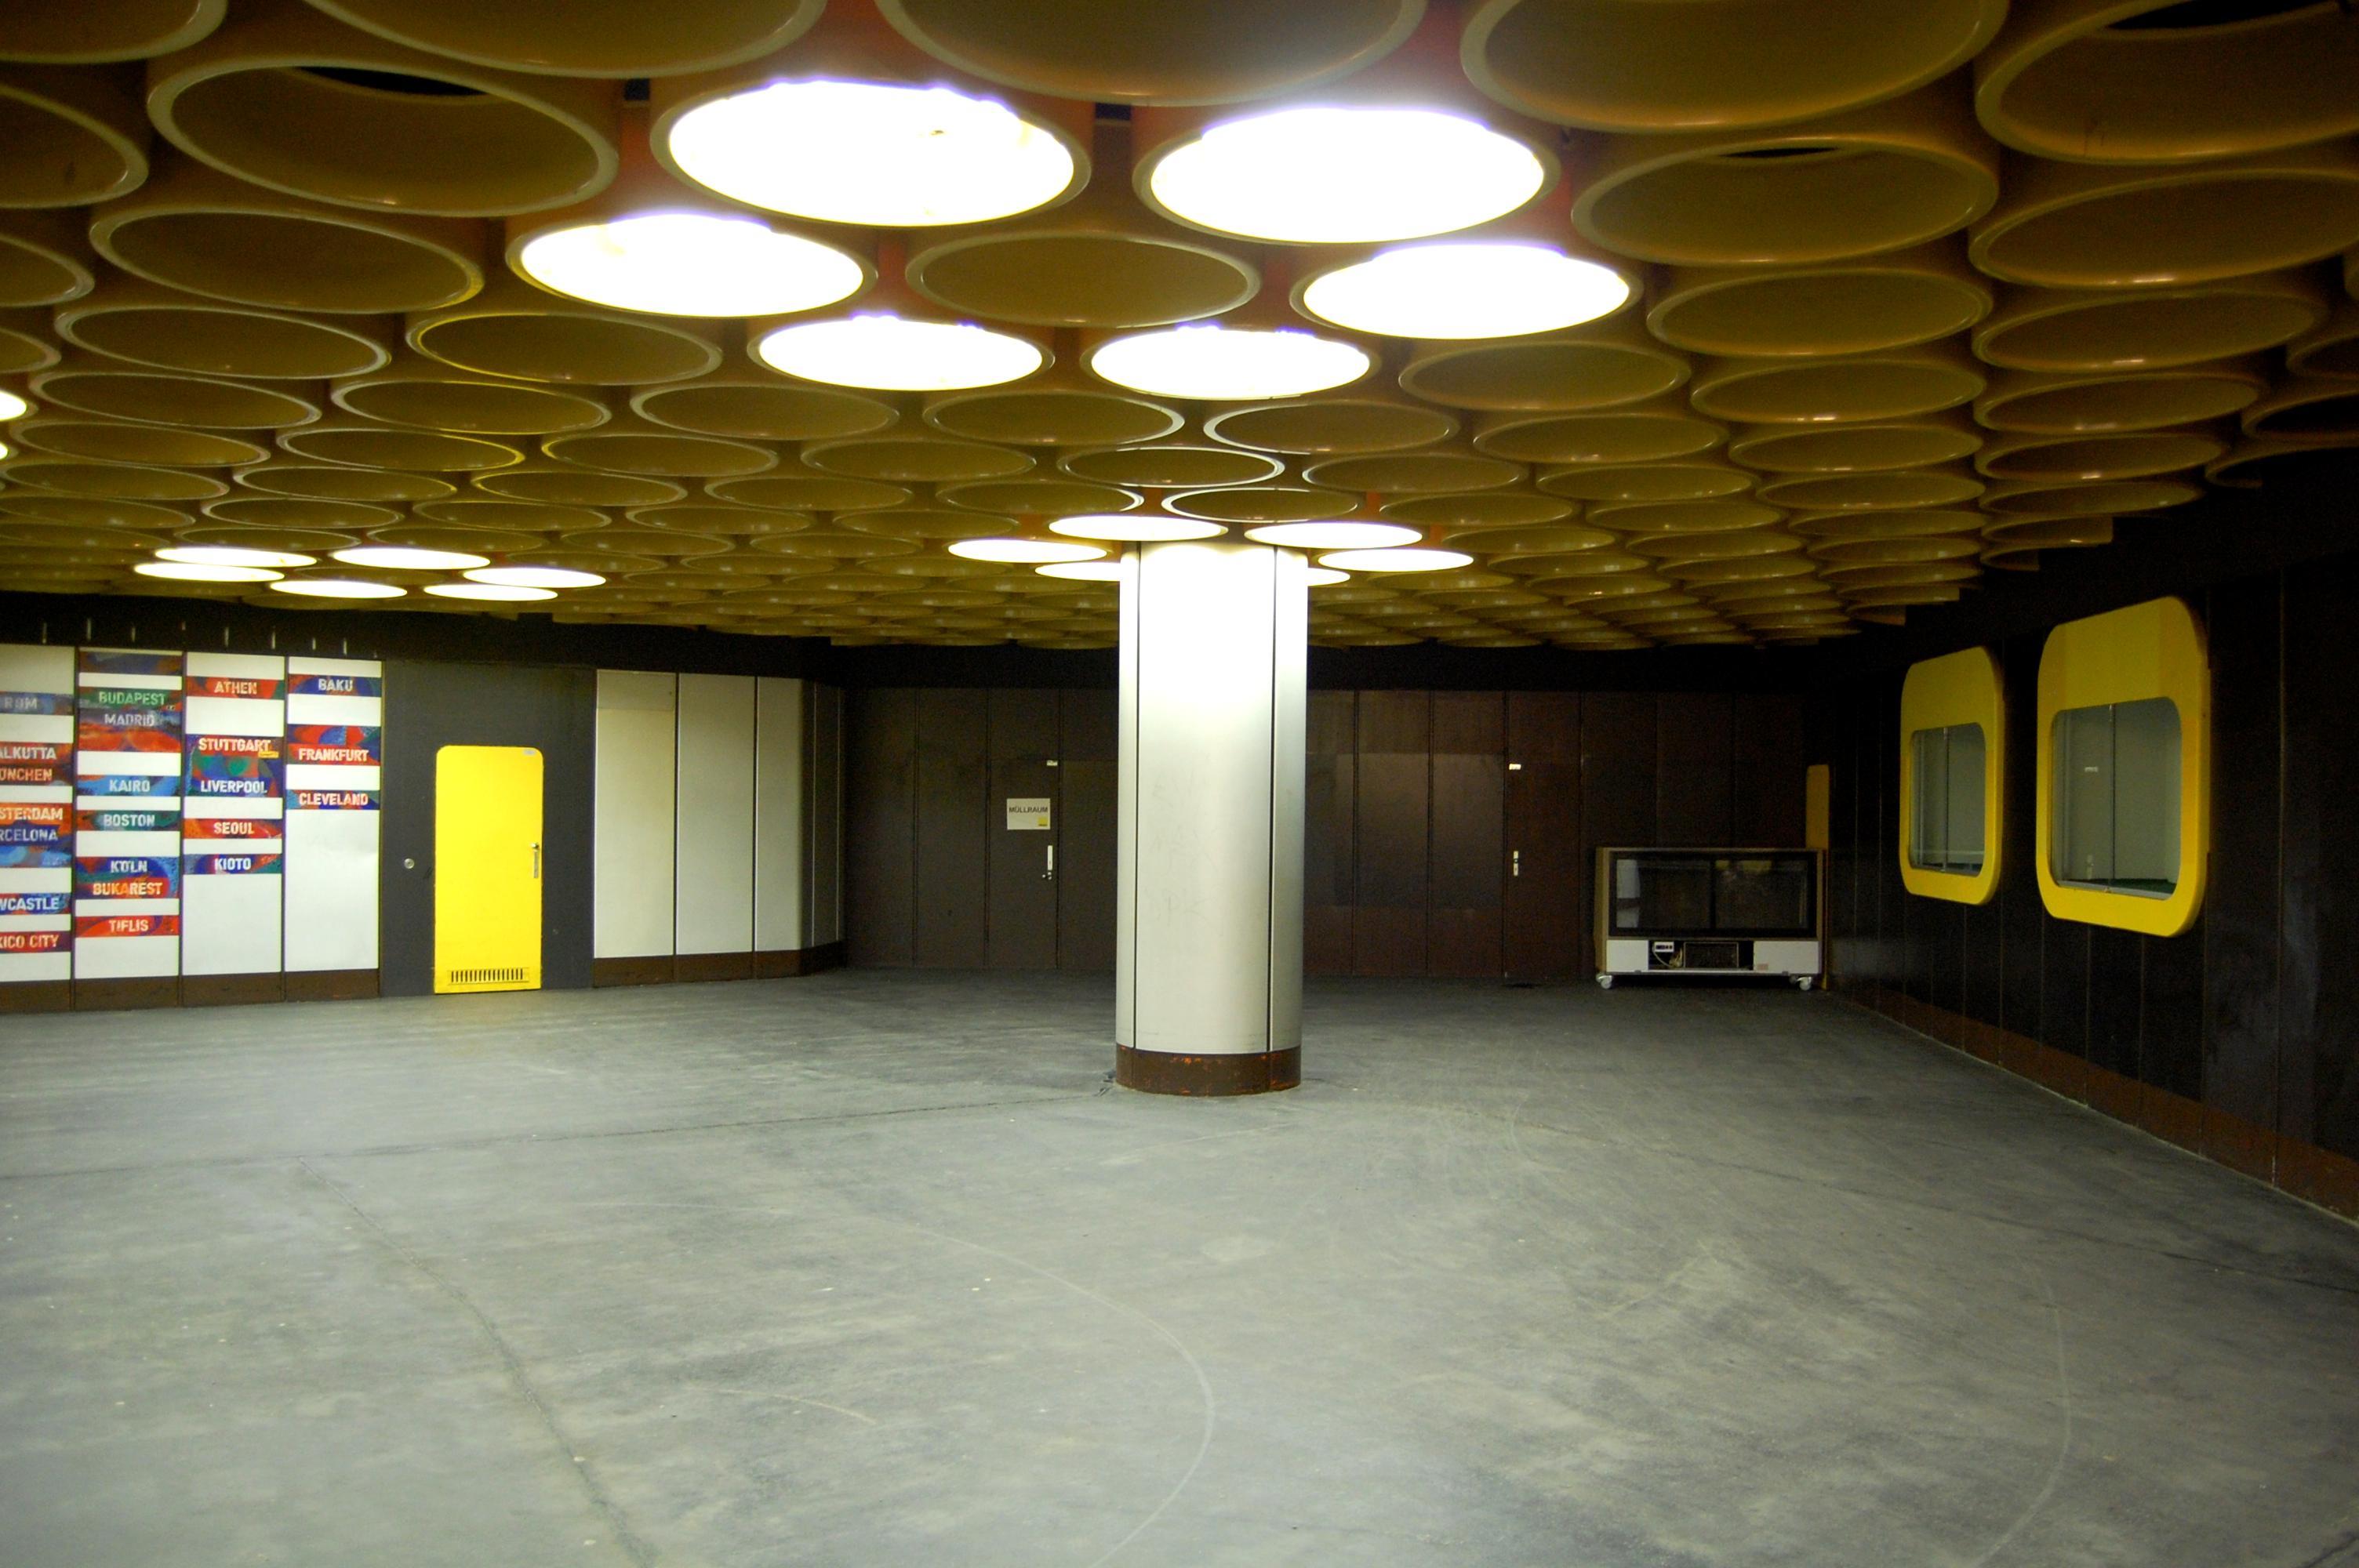 u-bf-rathaus-steglitz-3972_web